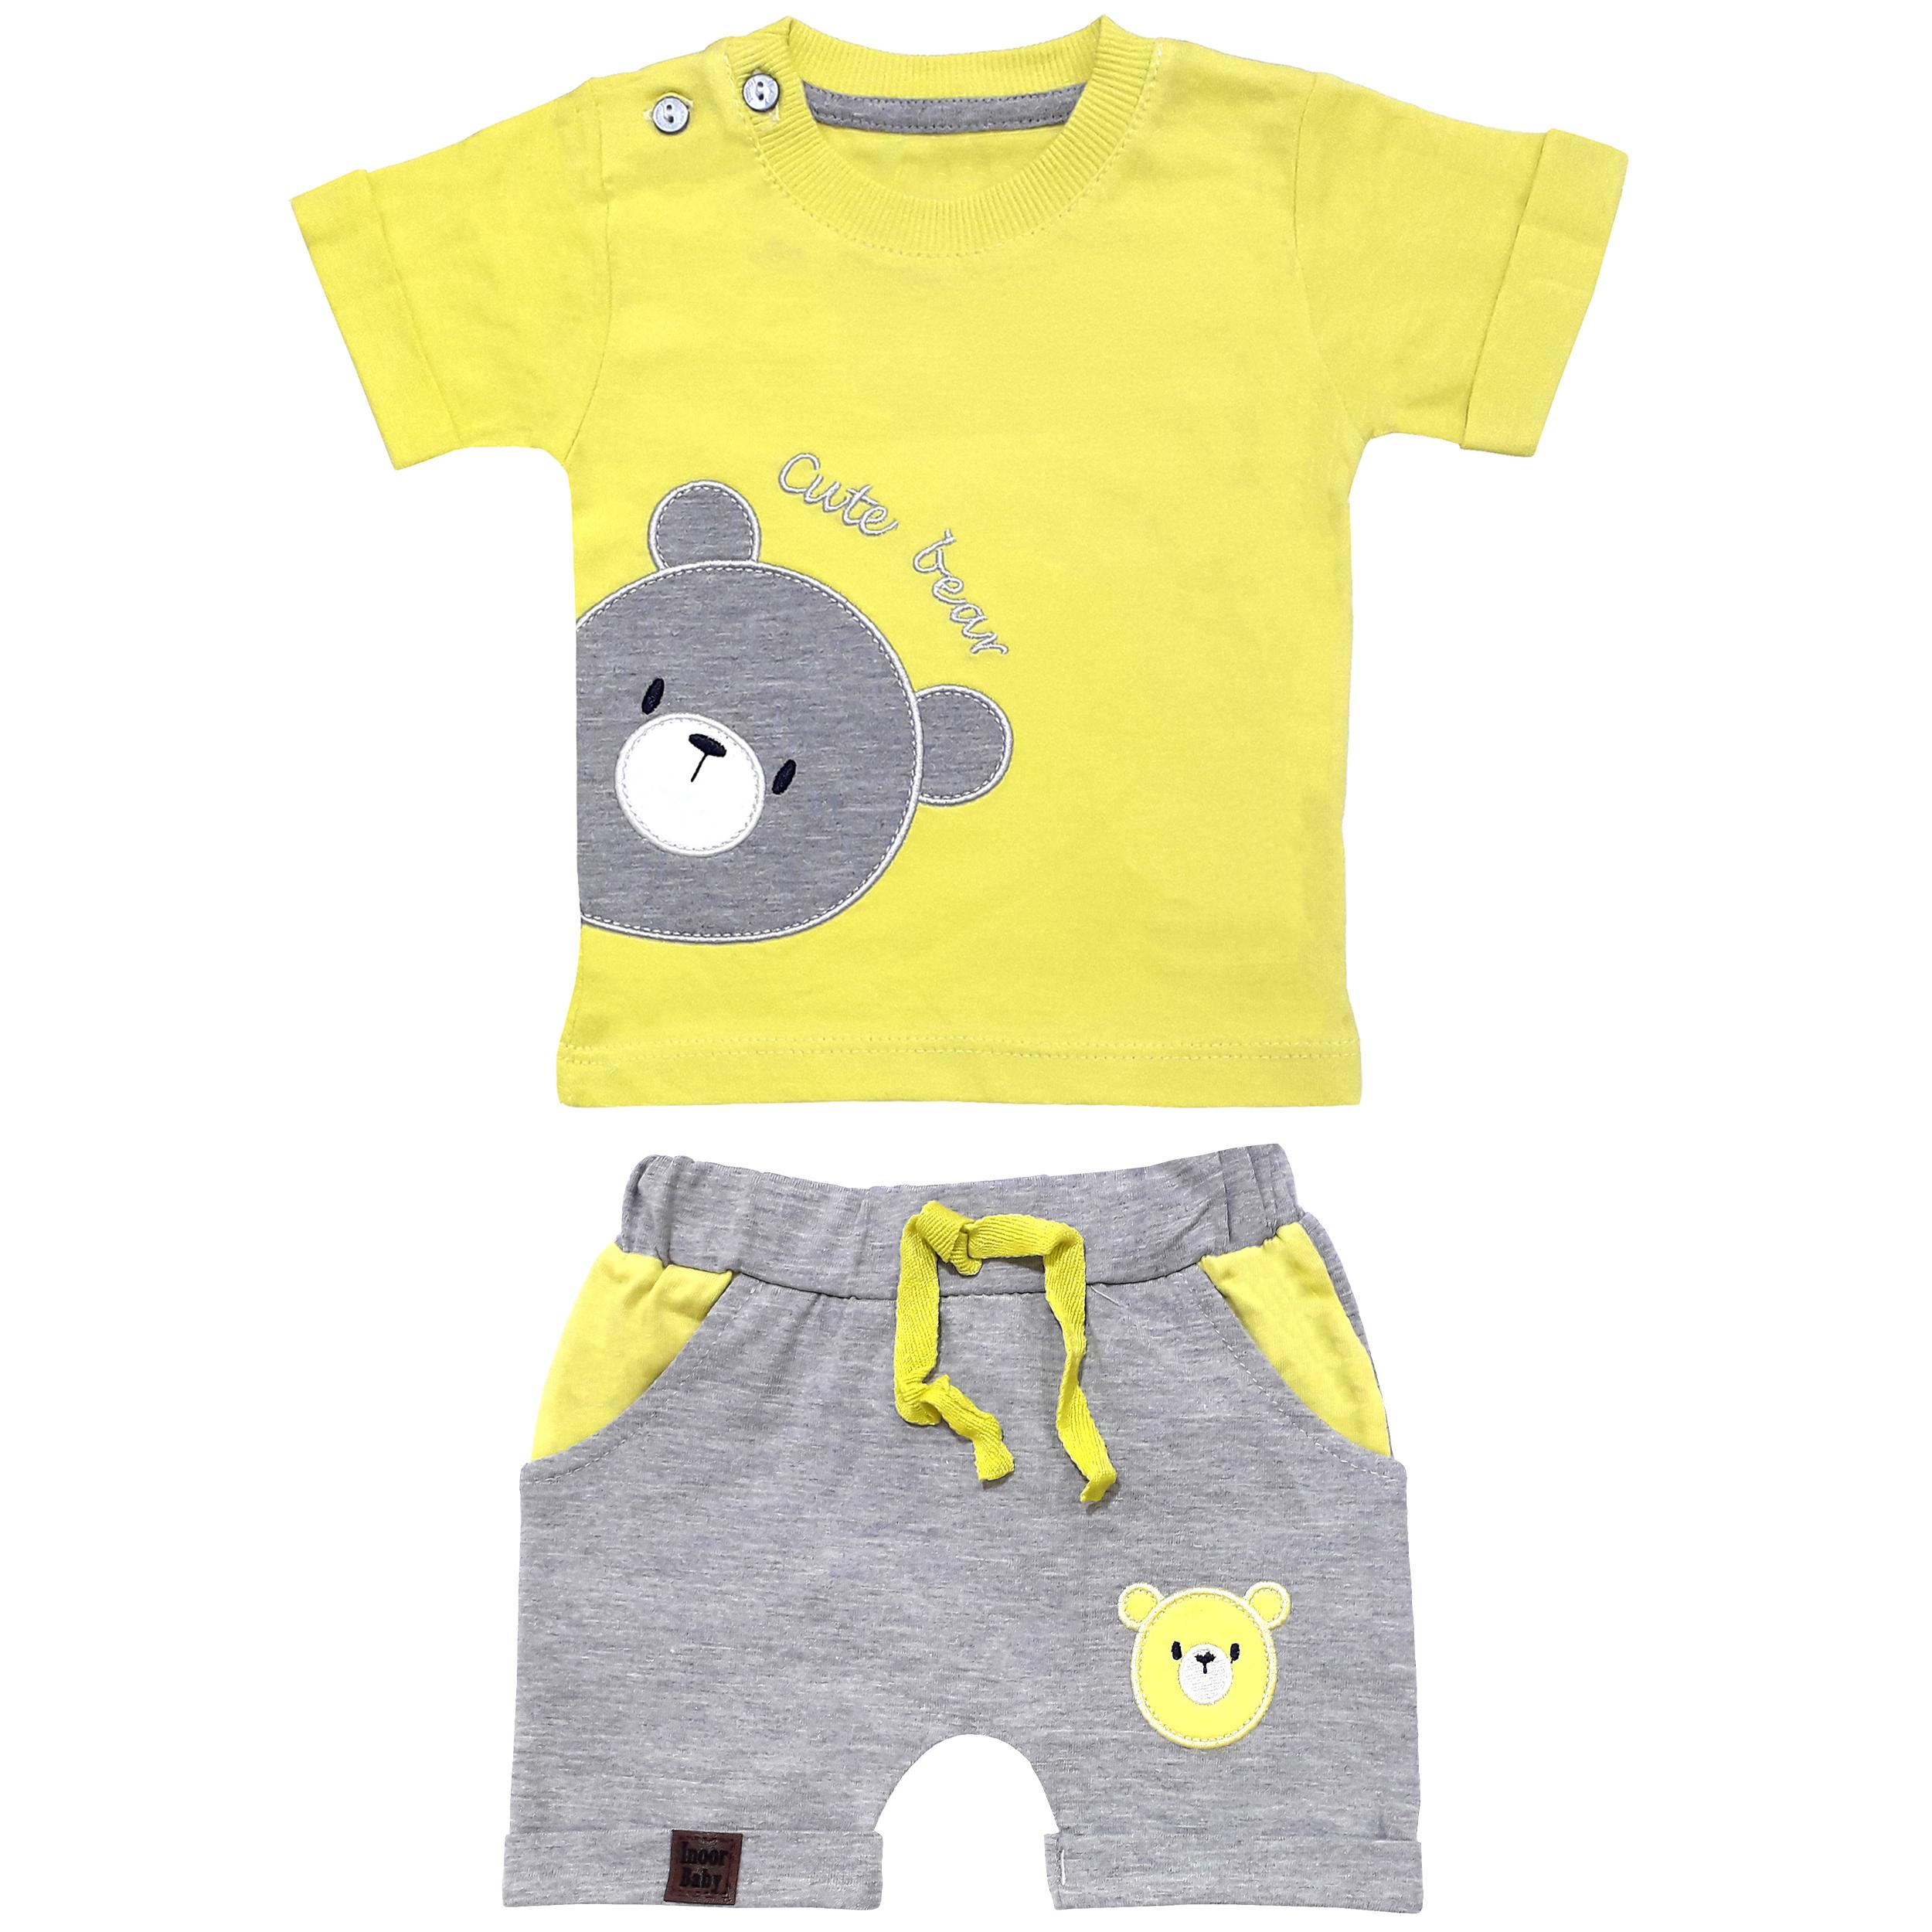 ست تی شرت و شلوارک نوزادی مدل خرس کد 3302